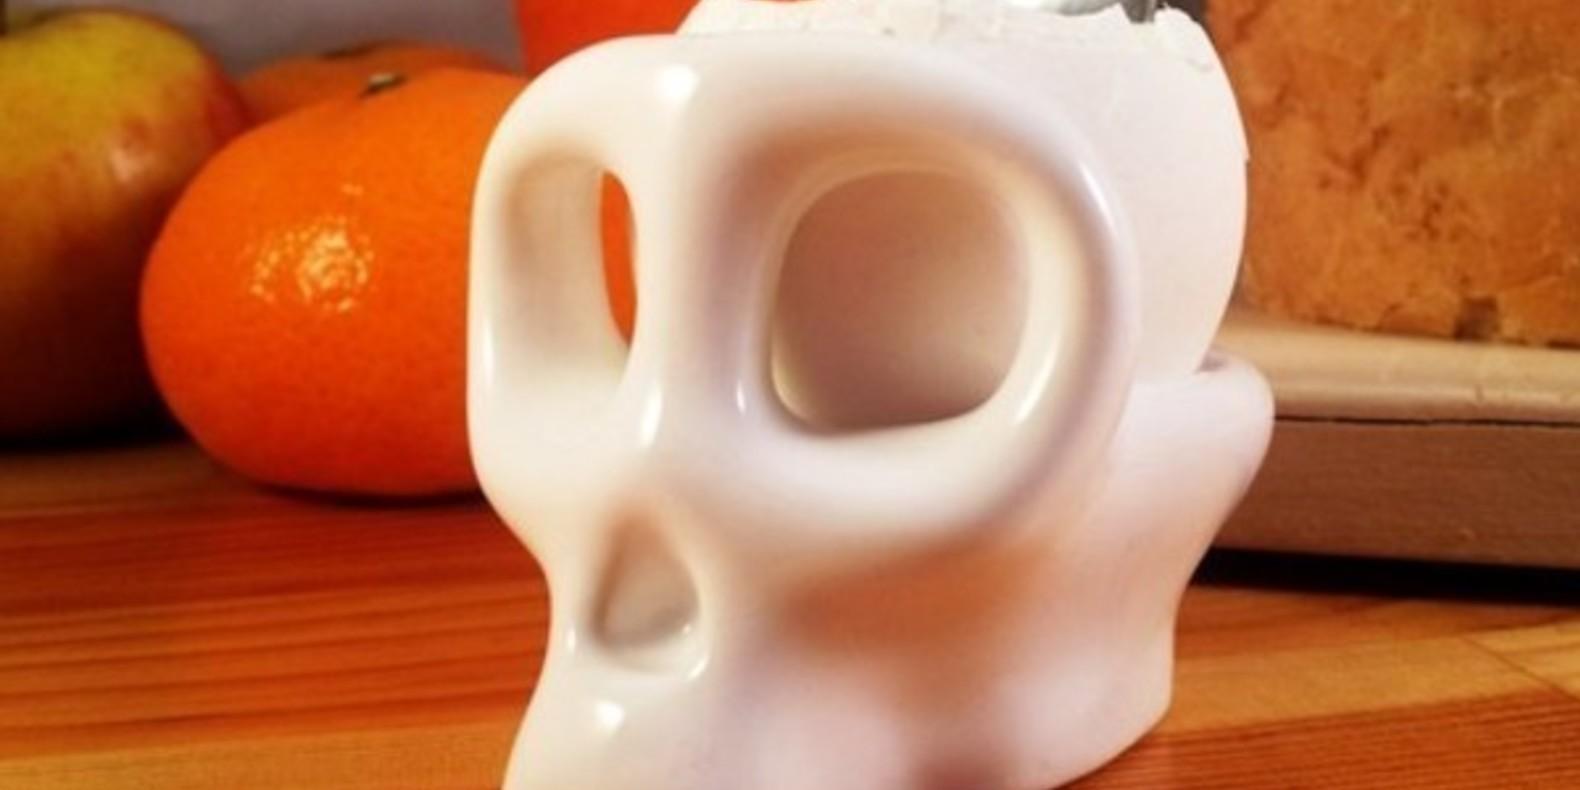 The 3D creations of Dolf Veenvliet